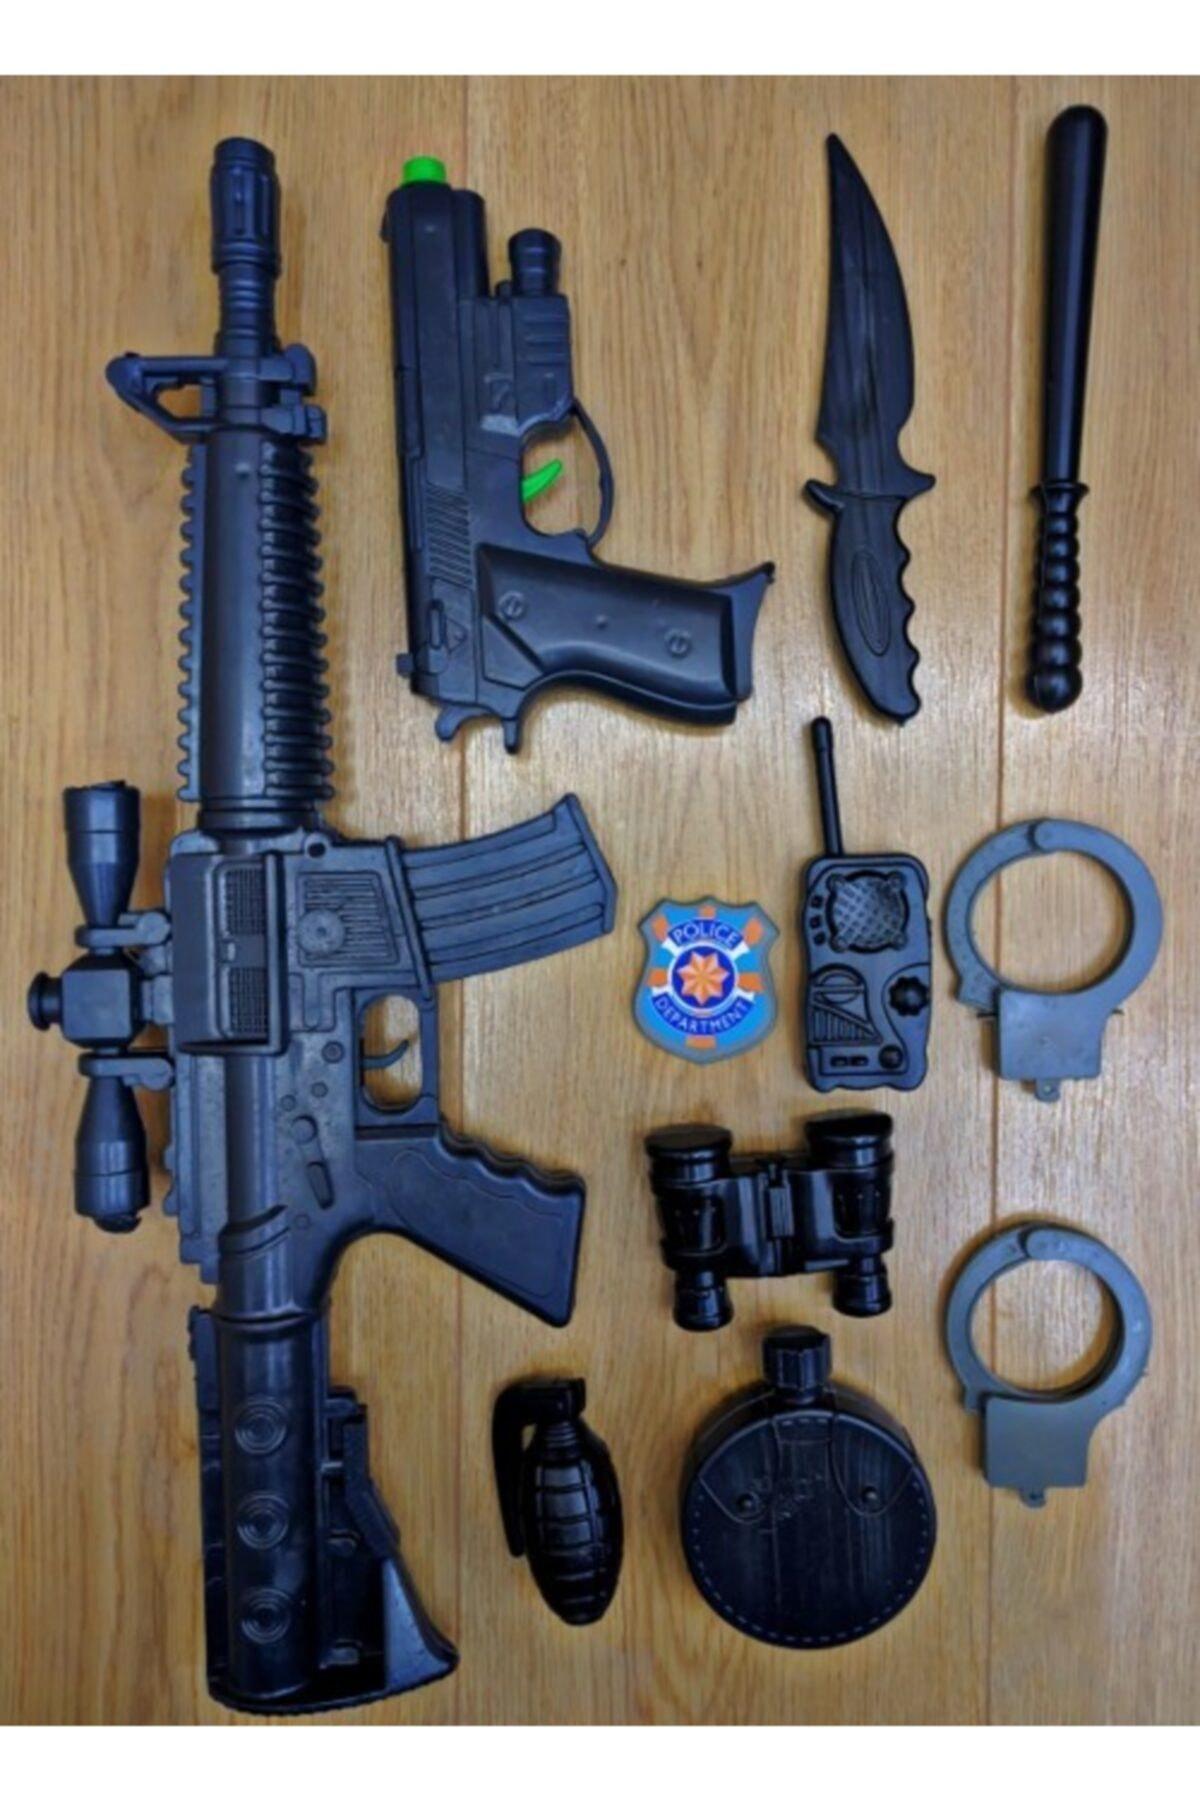 11 Parça Polis Oyuncak Seti Sesli M416 Tüfek Glock Tabanca Bomba Dürbün Polis Rozeti Kelepçe Telsiz